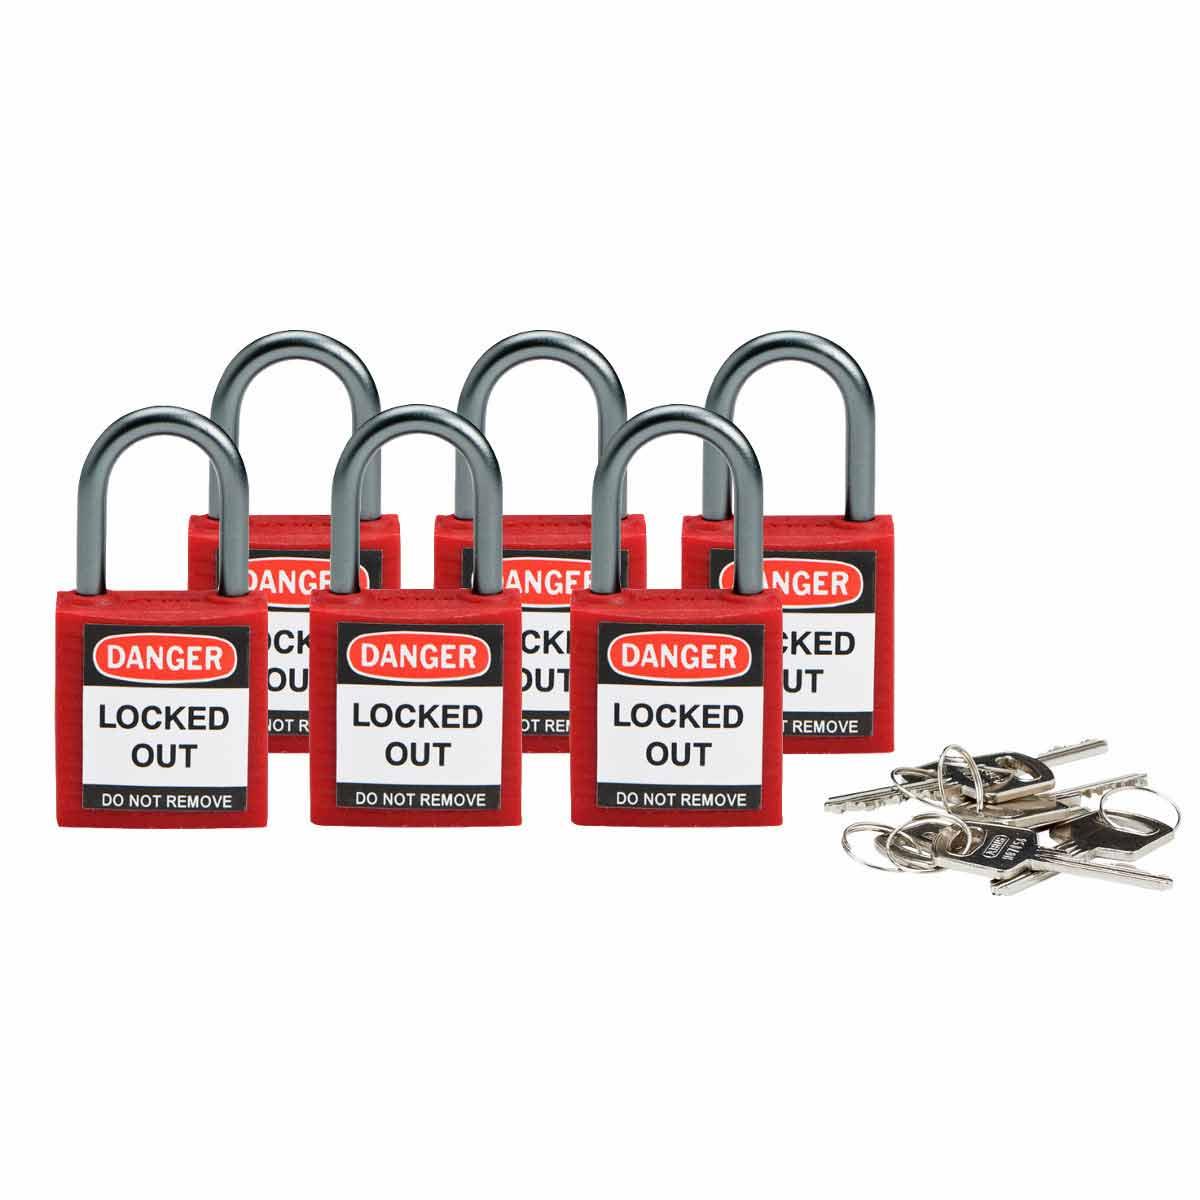 BRADY 118926 Brady Compact SafetyPadlock Red Kd 6/Pk